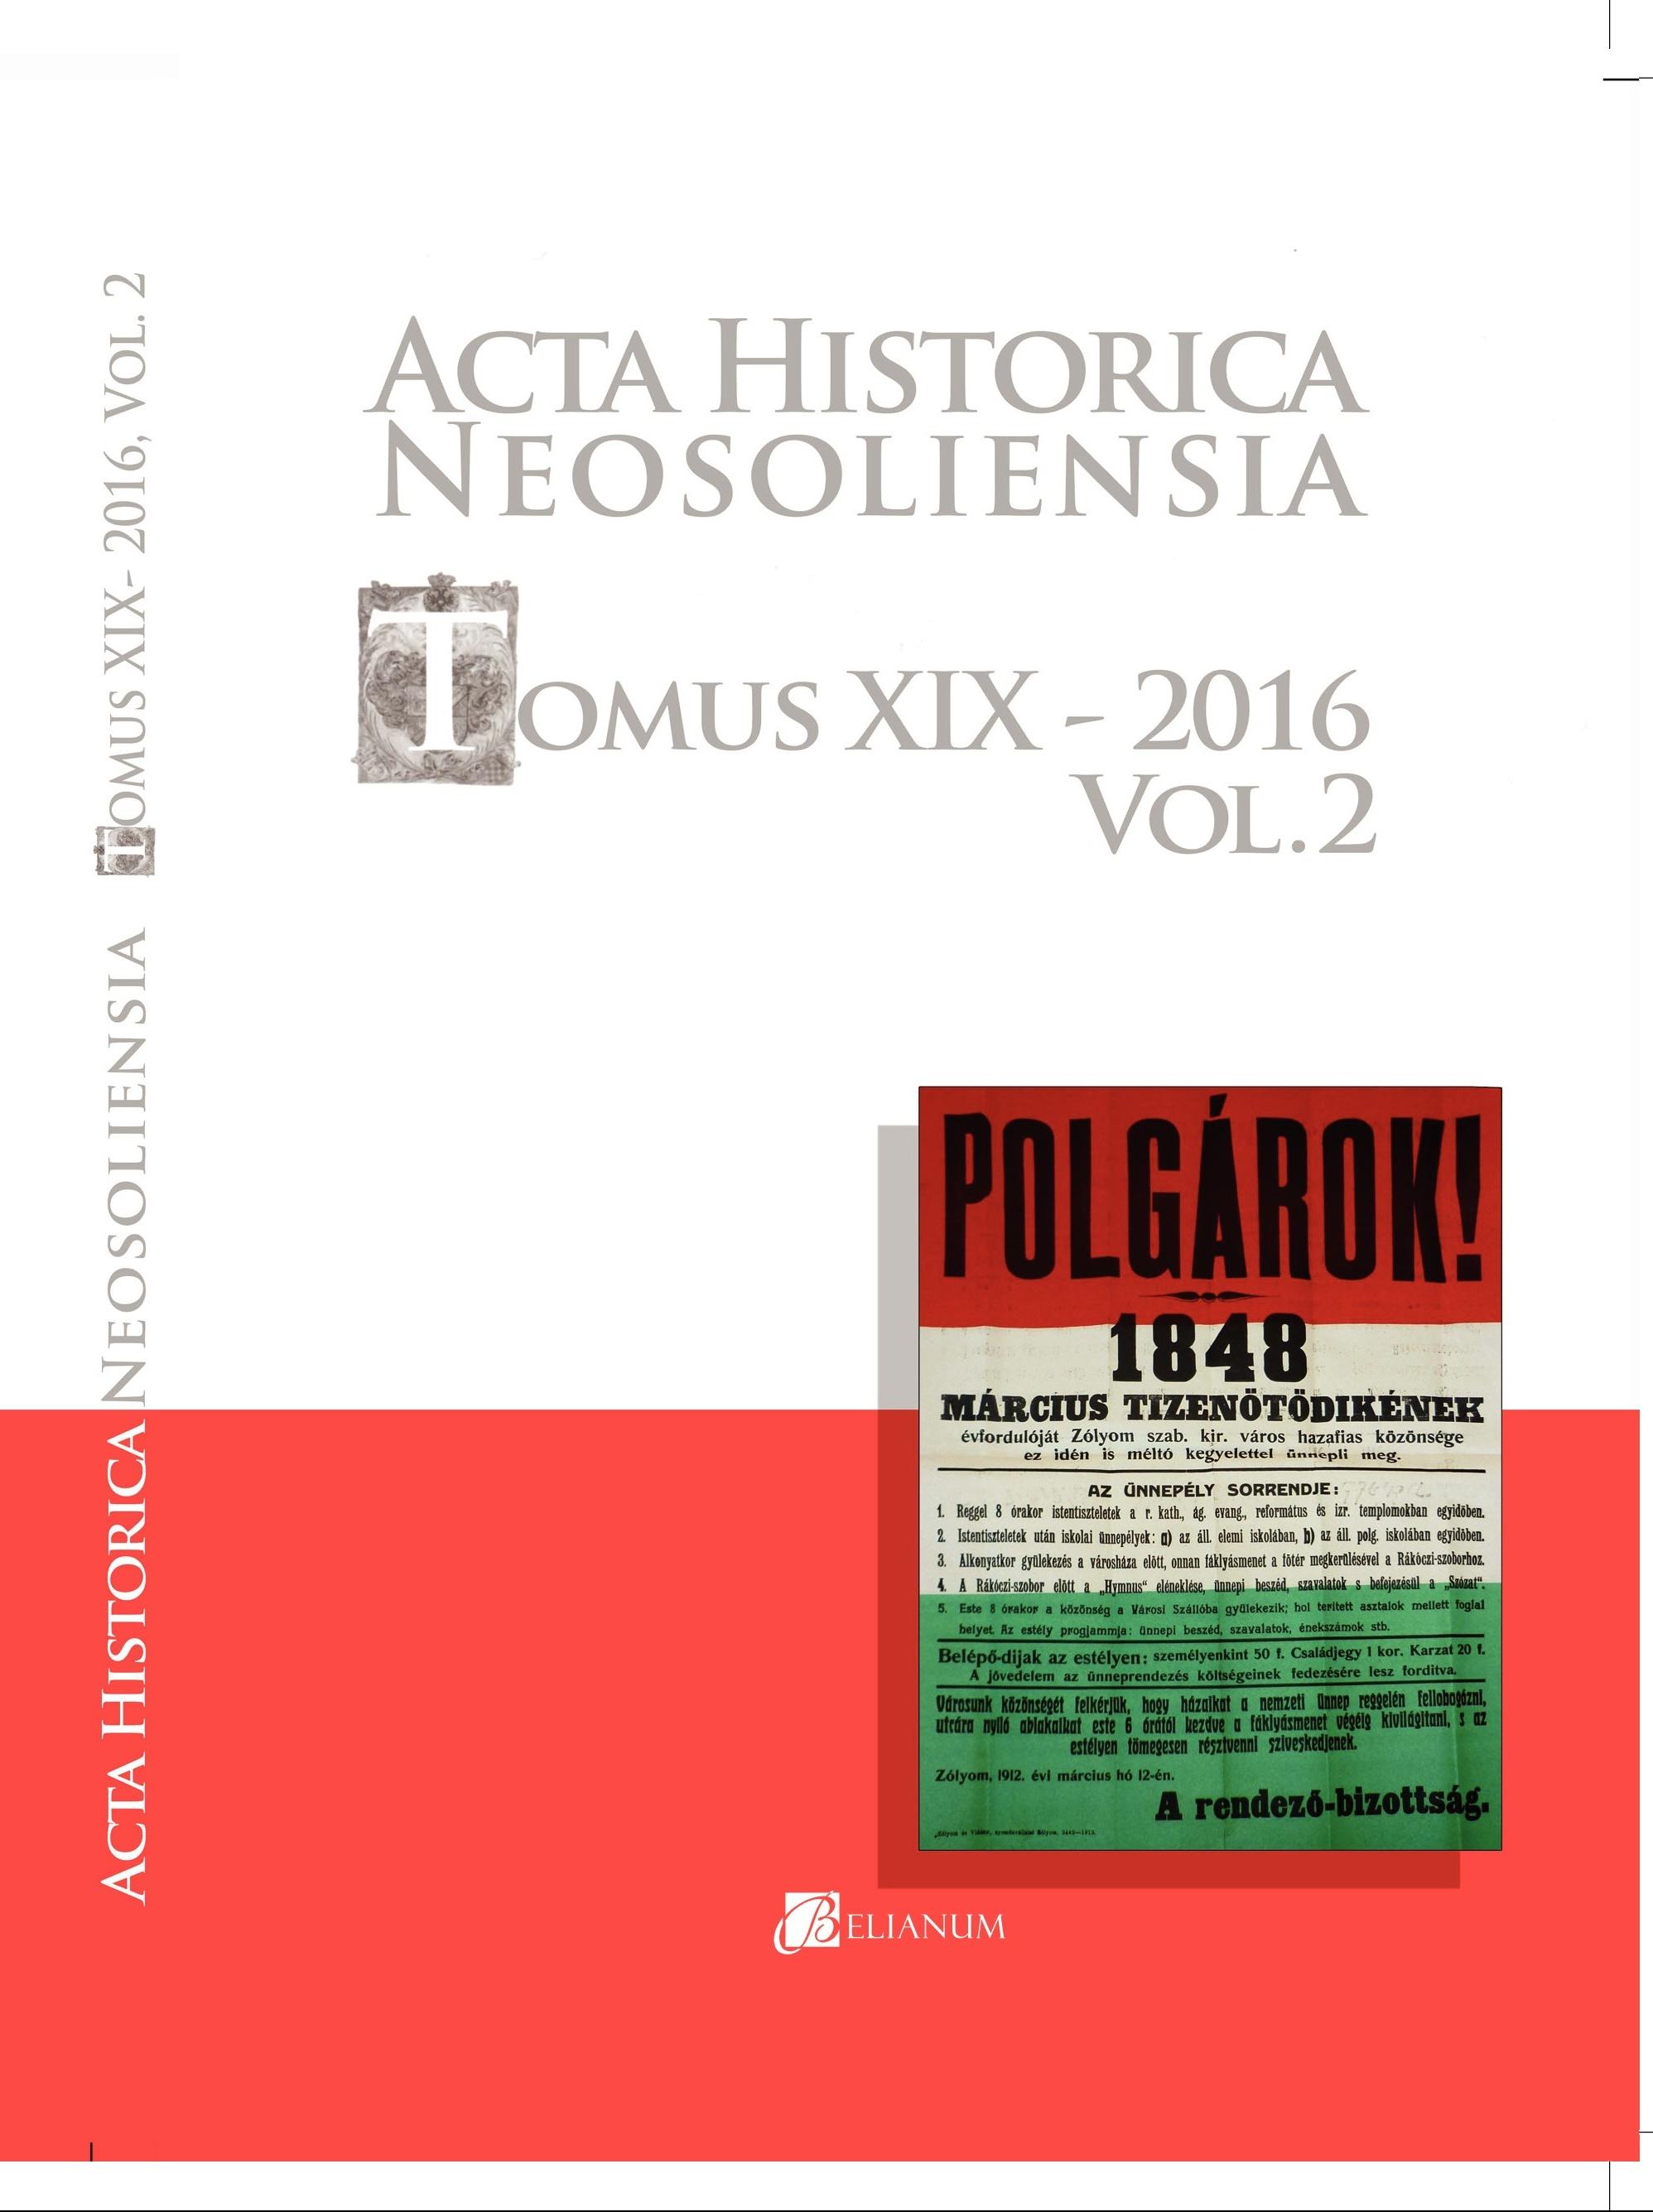 Acta historica neosoliensia, Tomus XIX - 2016, Vol. 2